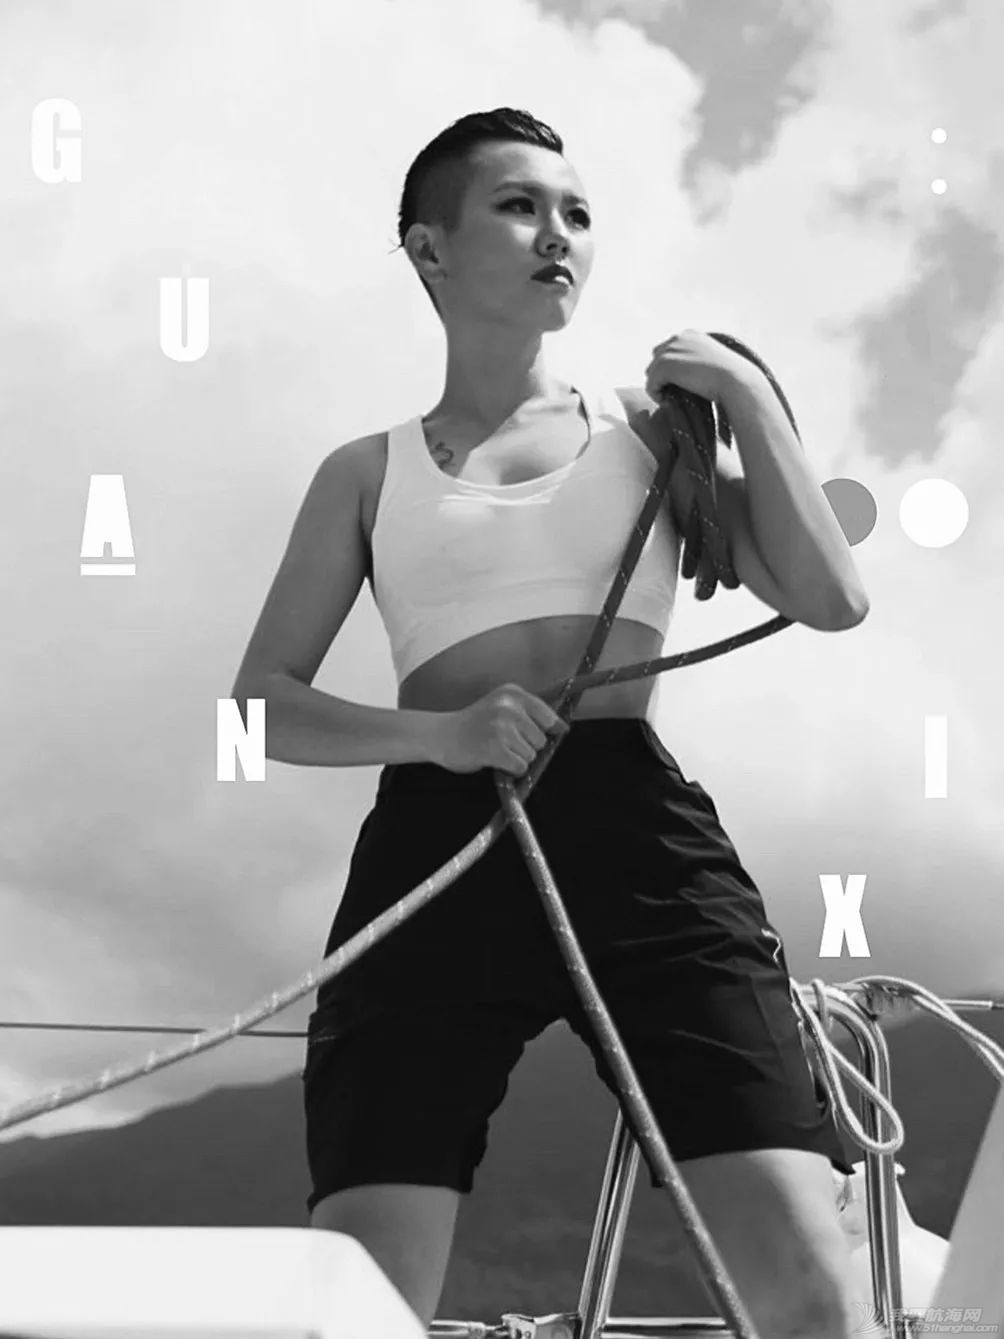 帆船圈性感荷官:女水手的起源w1.jpg